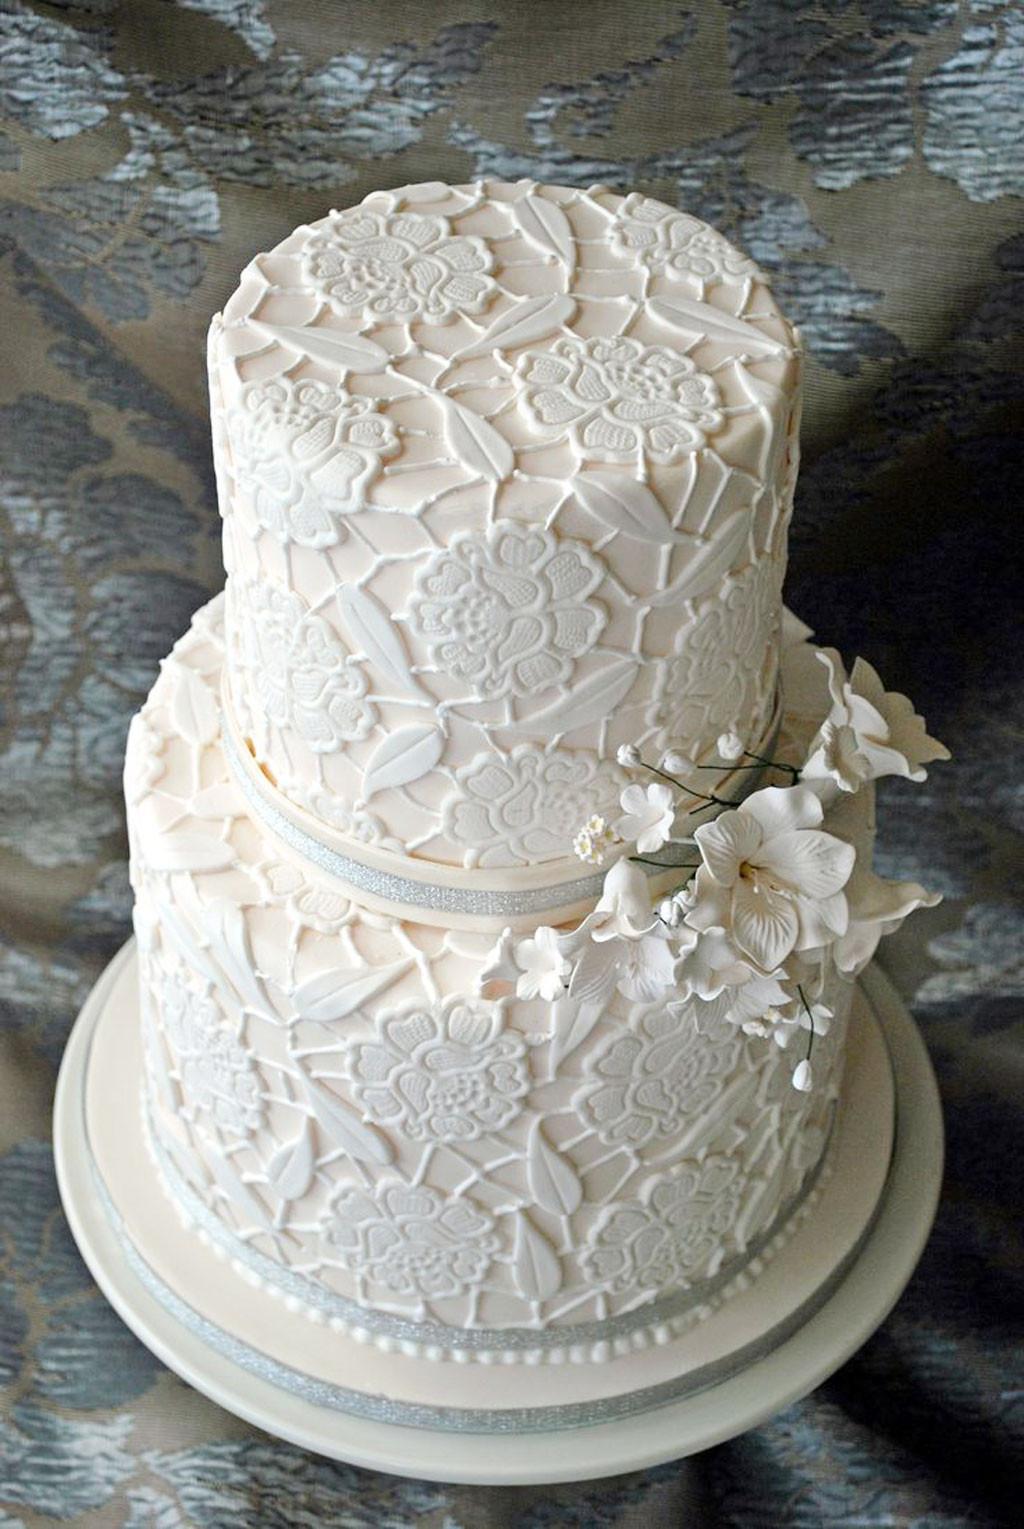 Wedding Cakes Layers  Double Layer Wedding Cake Pic 6 Wedding Cake Cake Ideas